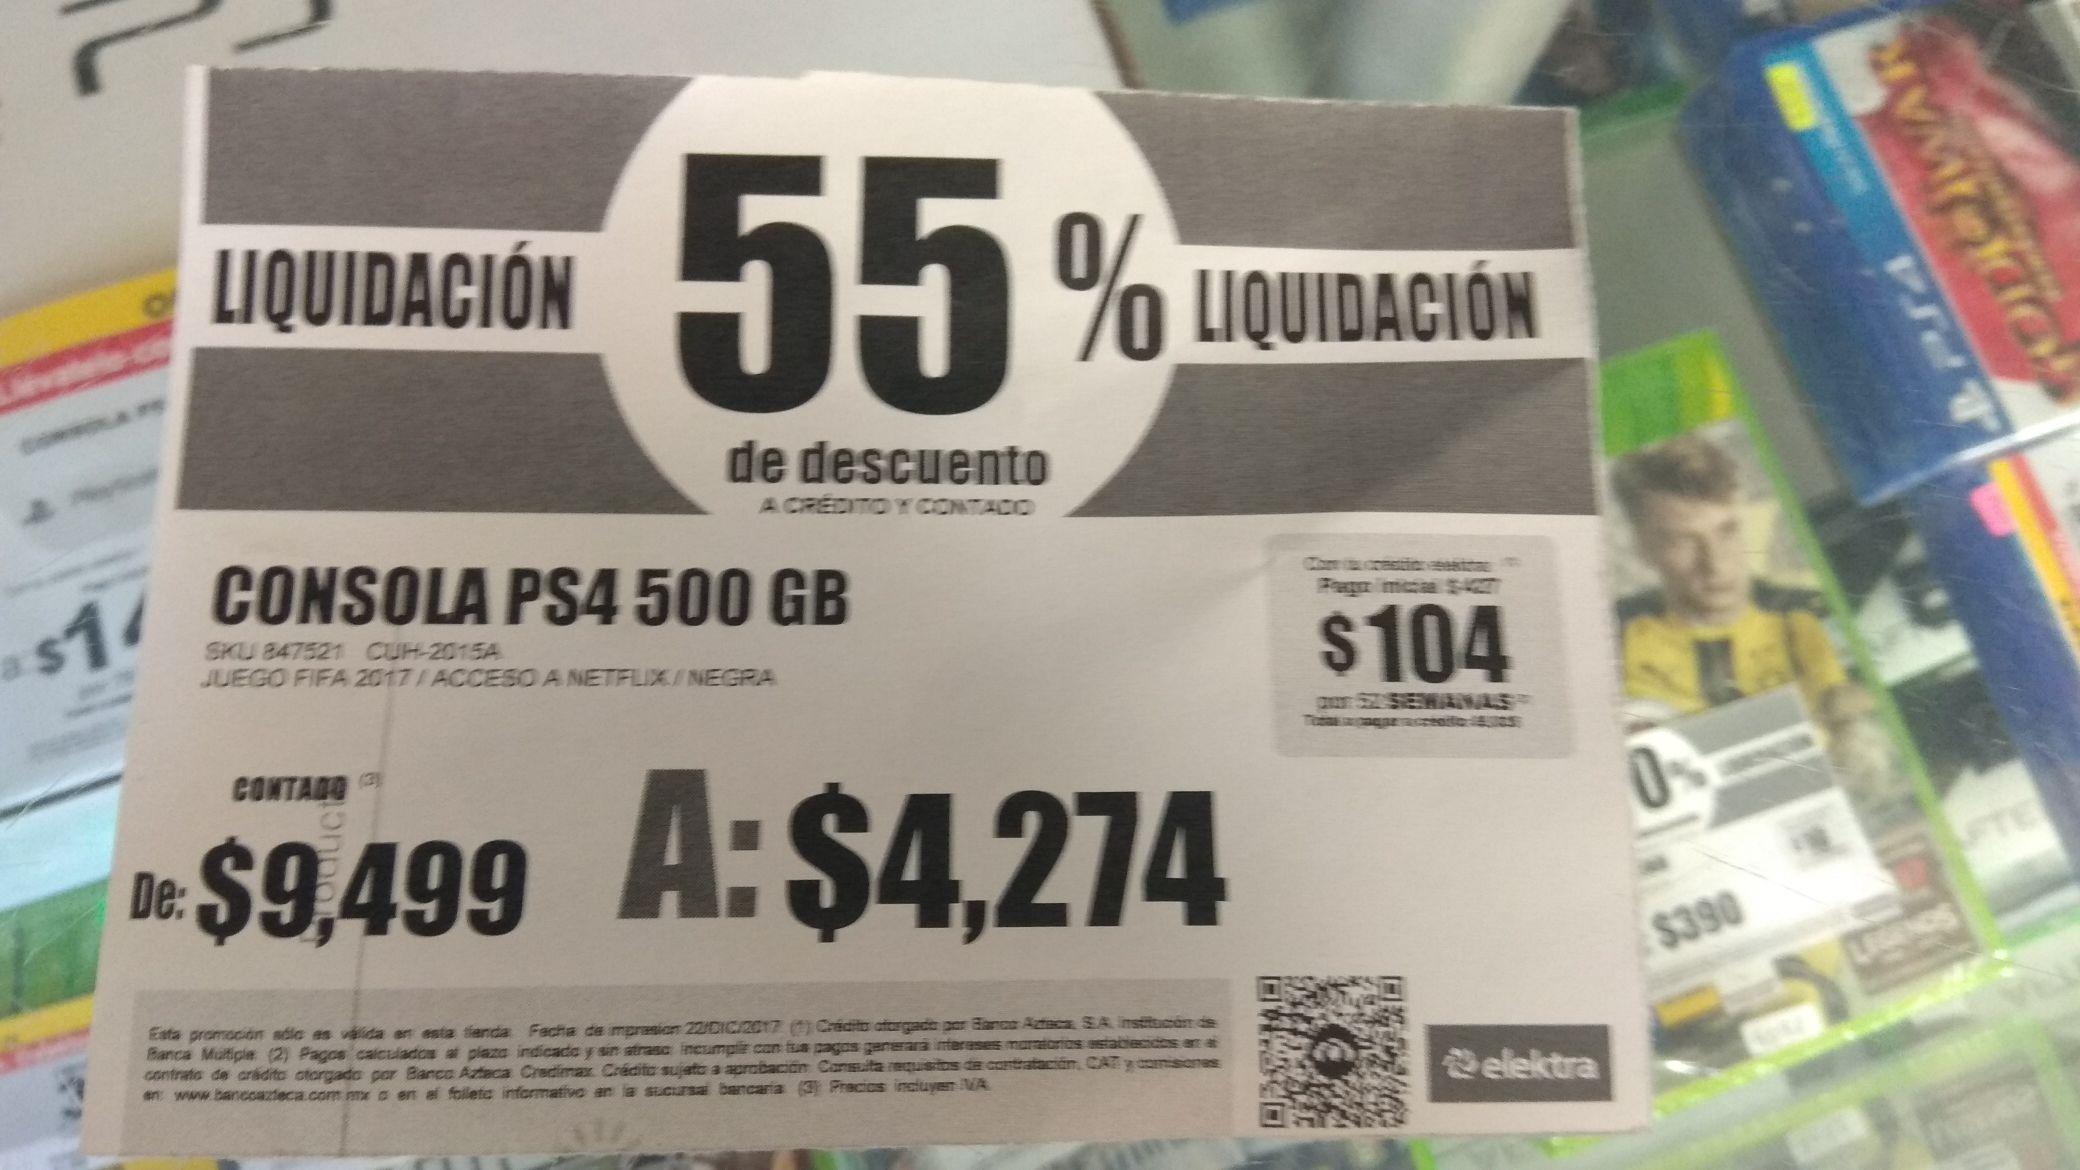 Elektra: Consola PS4 500 gb a $4274.00